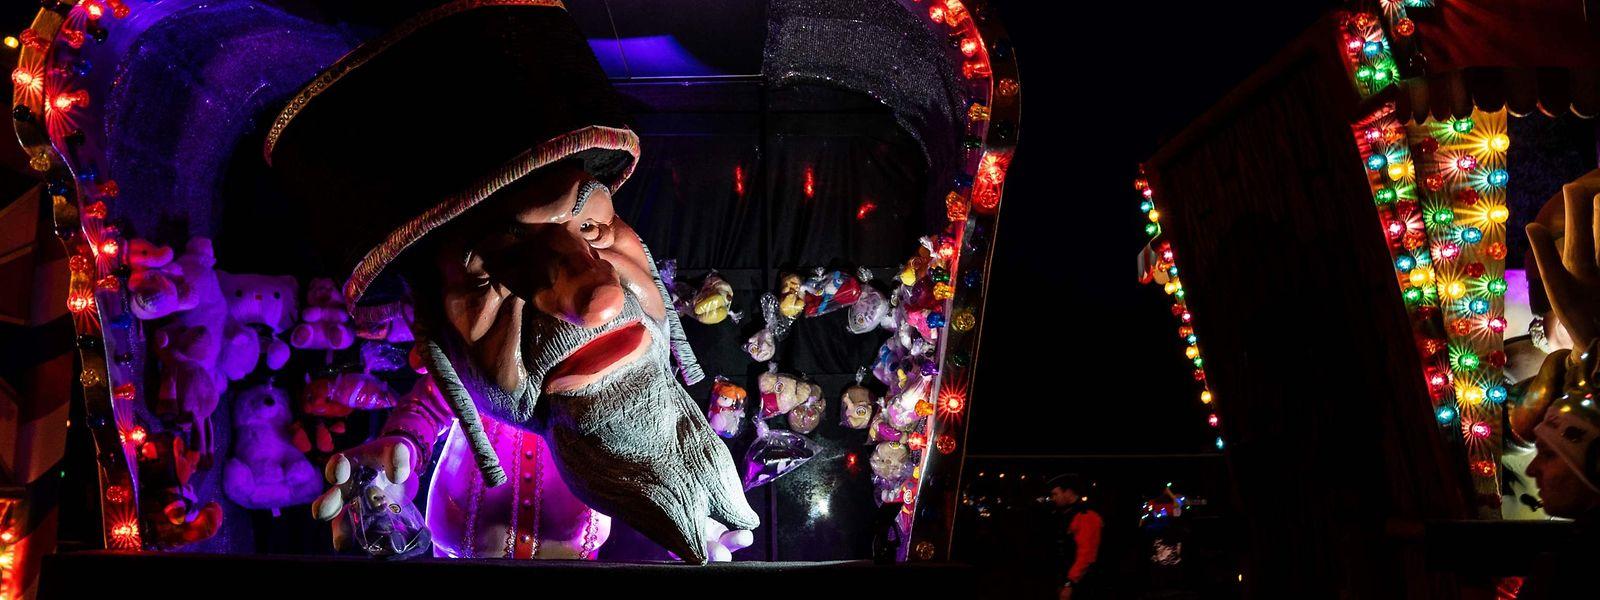 Der Karneval in Aalst war bereits 2019 wegen Antisemitismus-Vorwürfen von der Liste des immateriellen Weltkulturerbes der Unesco gestrichen worden.